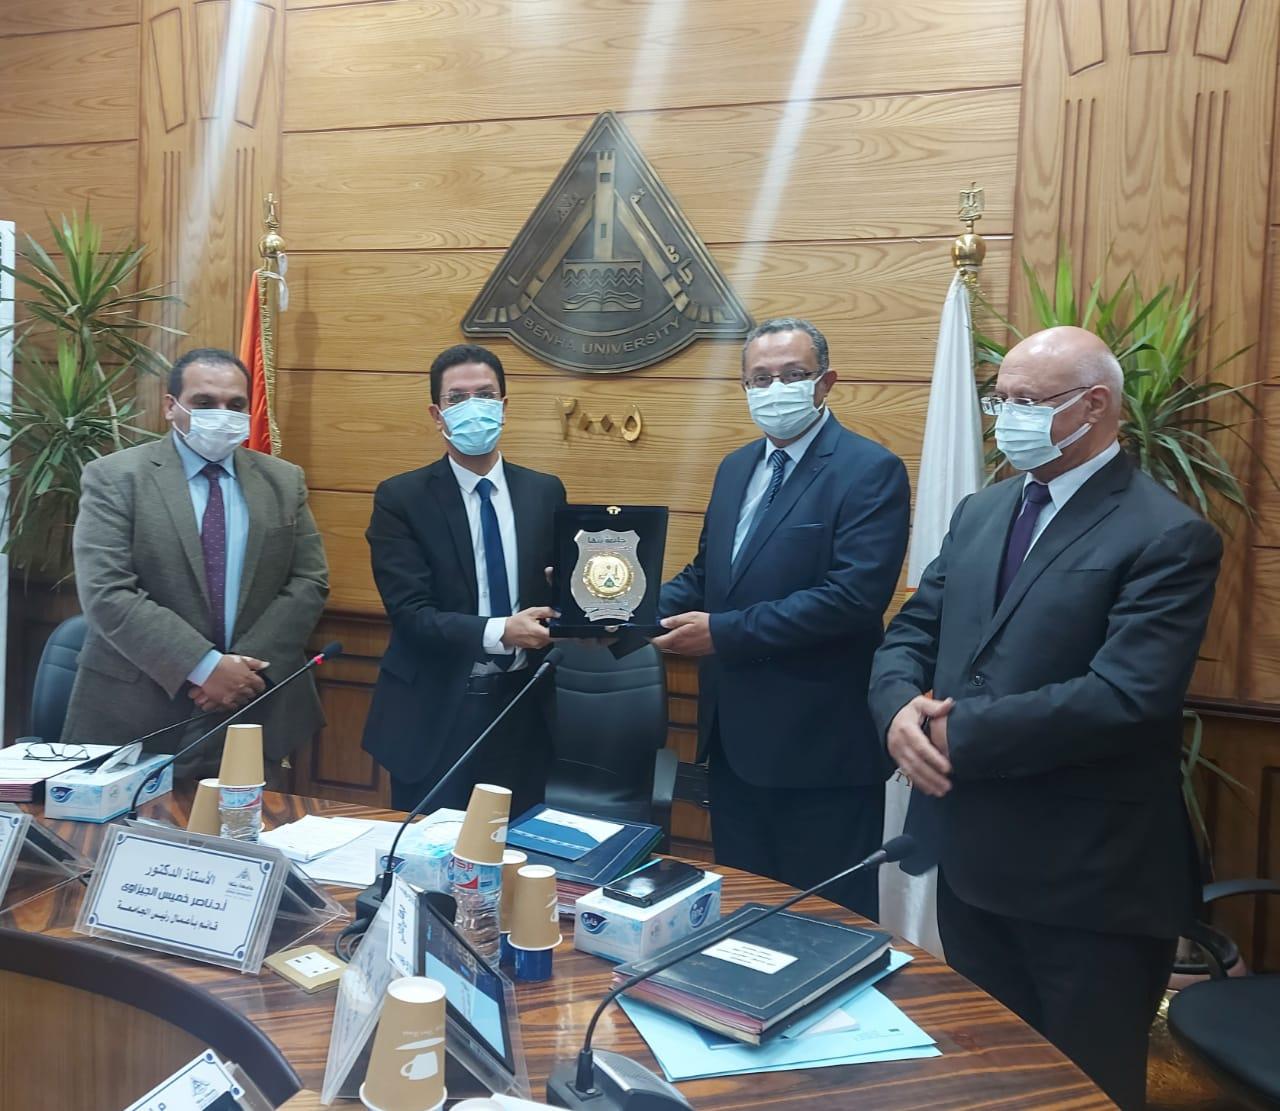 مجلس جامعة بنها يكرم الدكتور كريم الدش